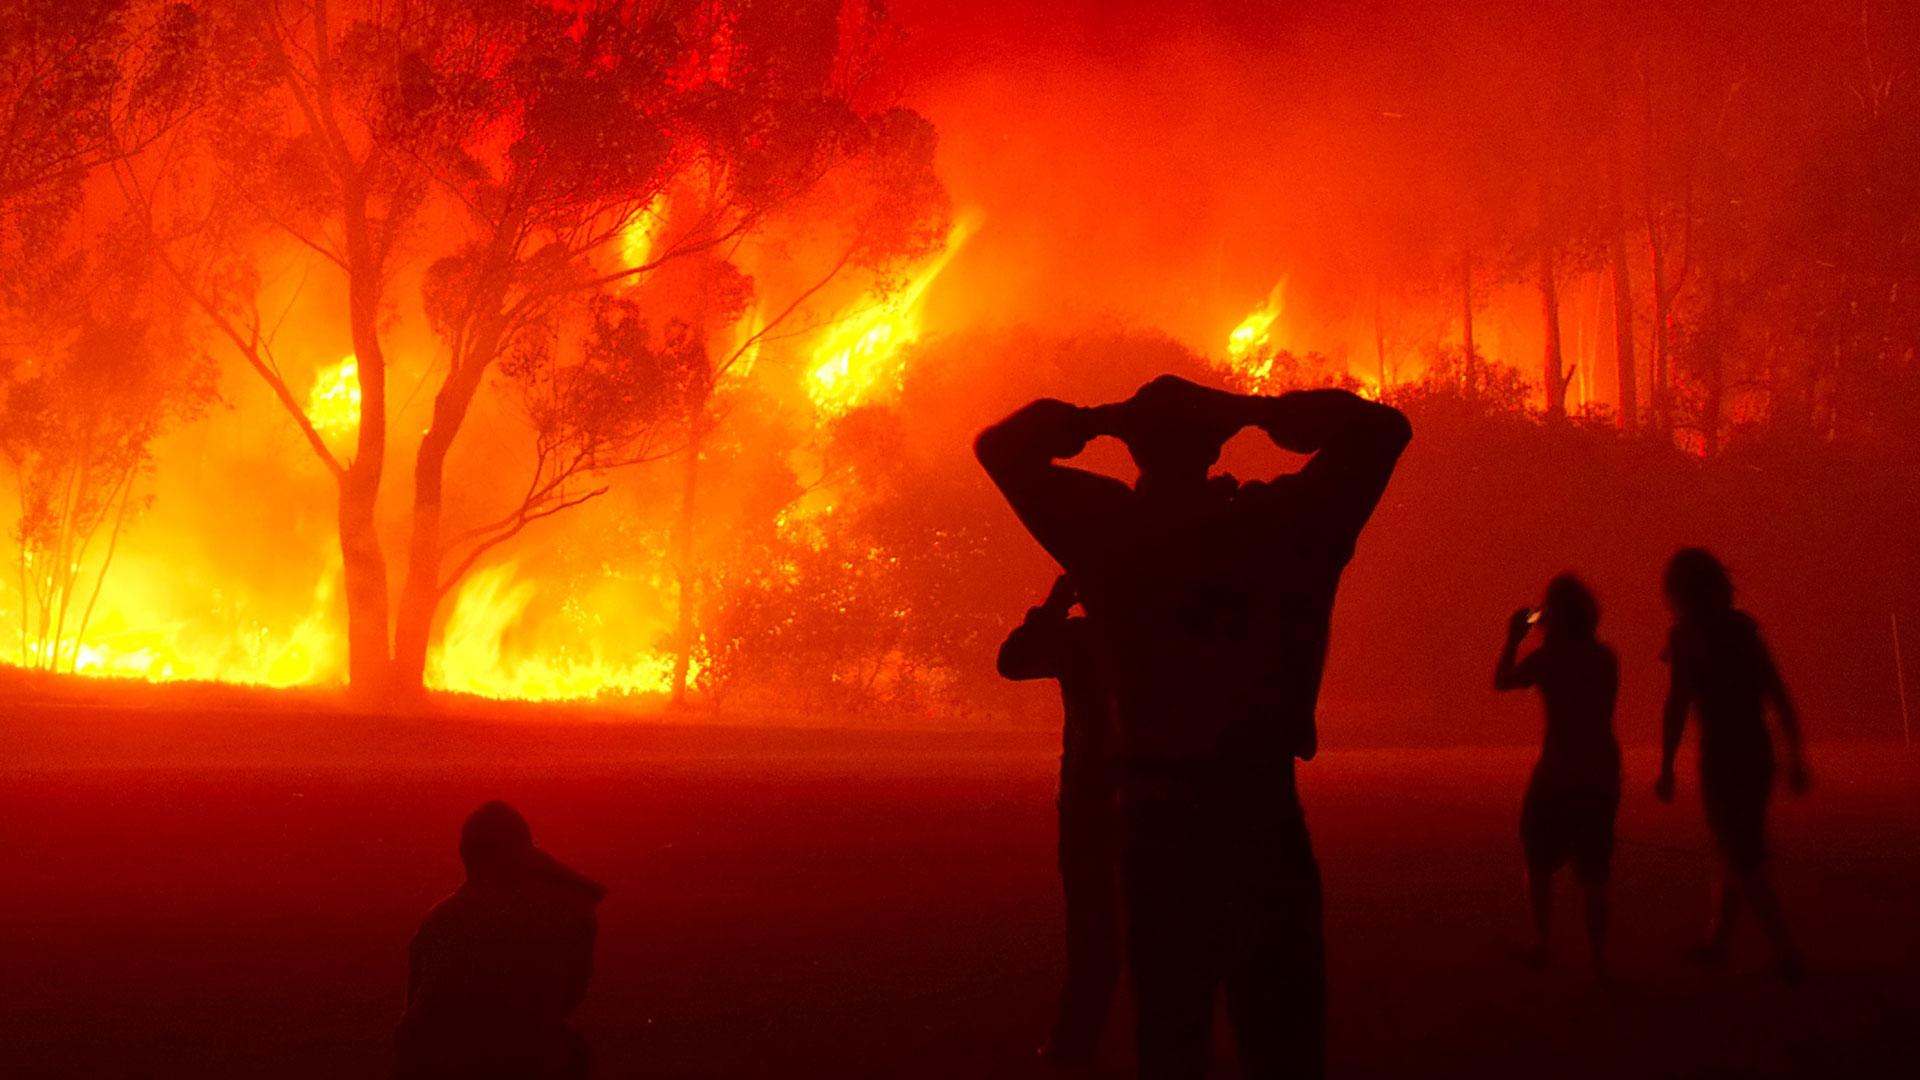 Incendies de forêts : Le pourtour méditerranéen proie des flammes